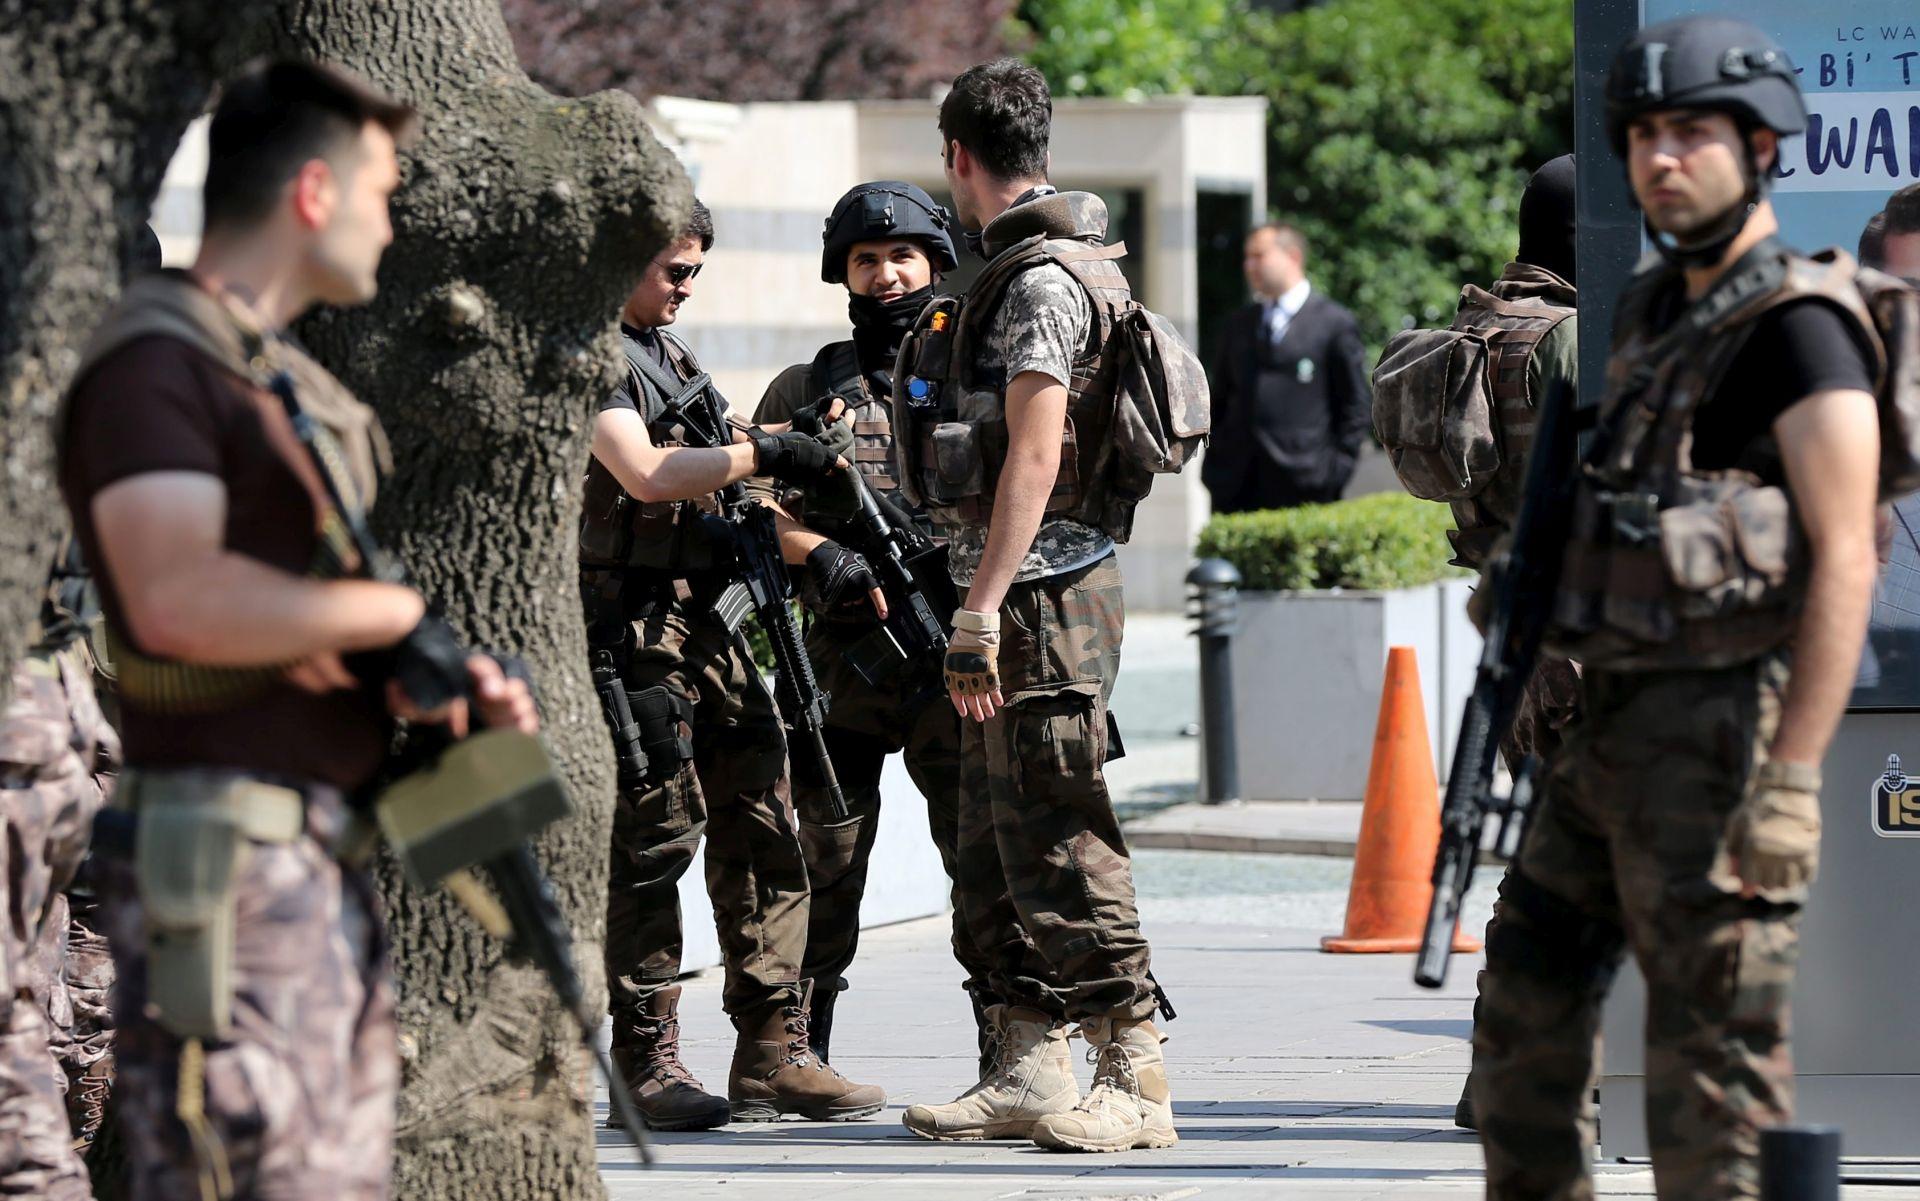 IZVORI Pet vojnika ubijeno, 8 ranjeno u napadu na jugoistoku Turske